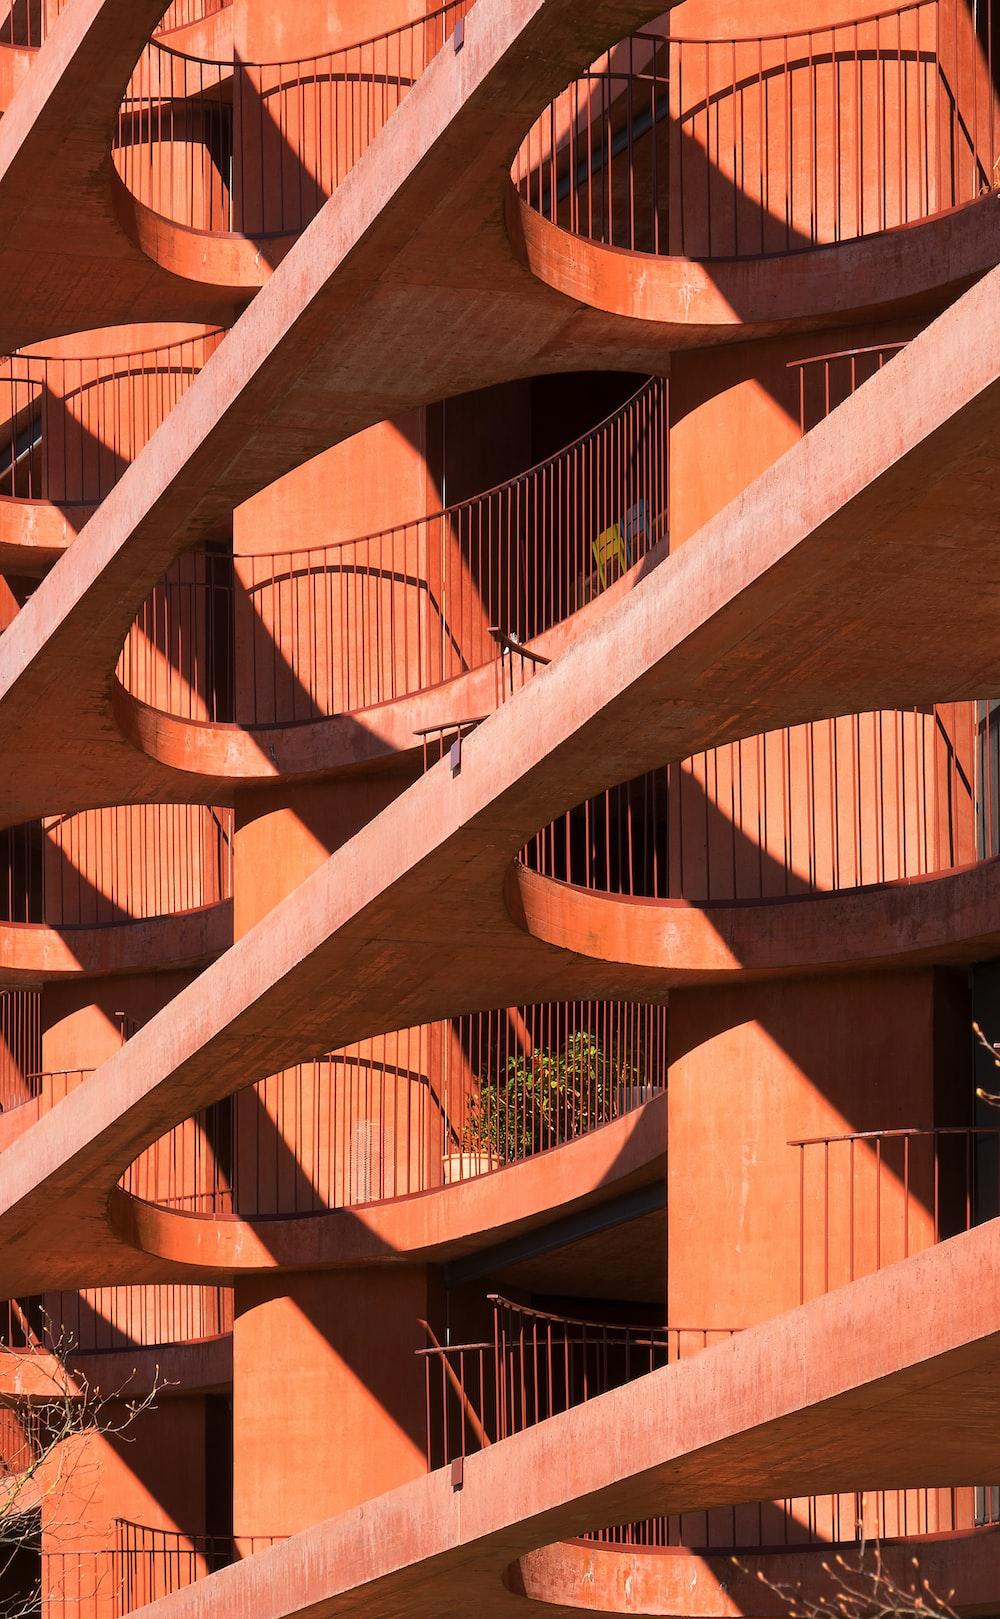 brown paint concrete building